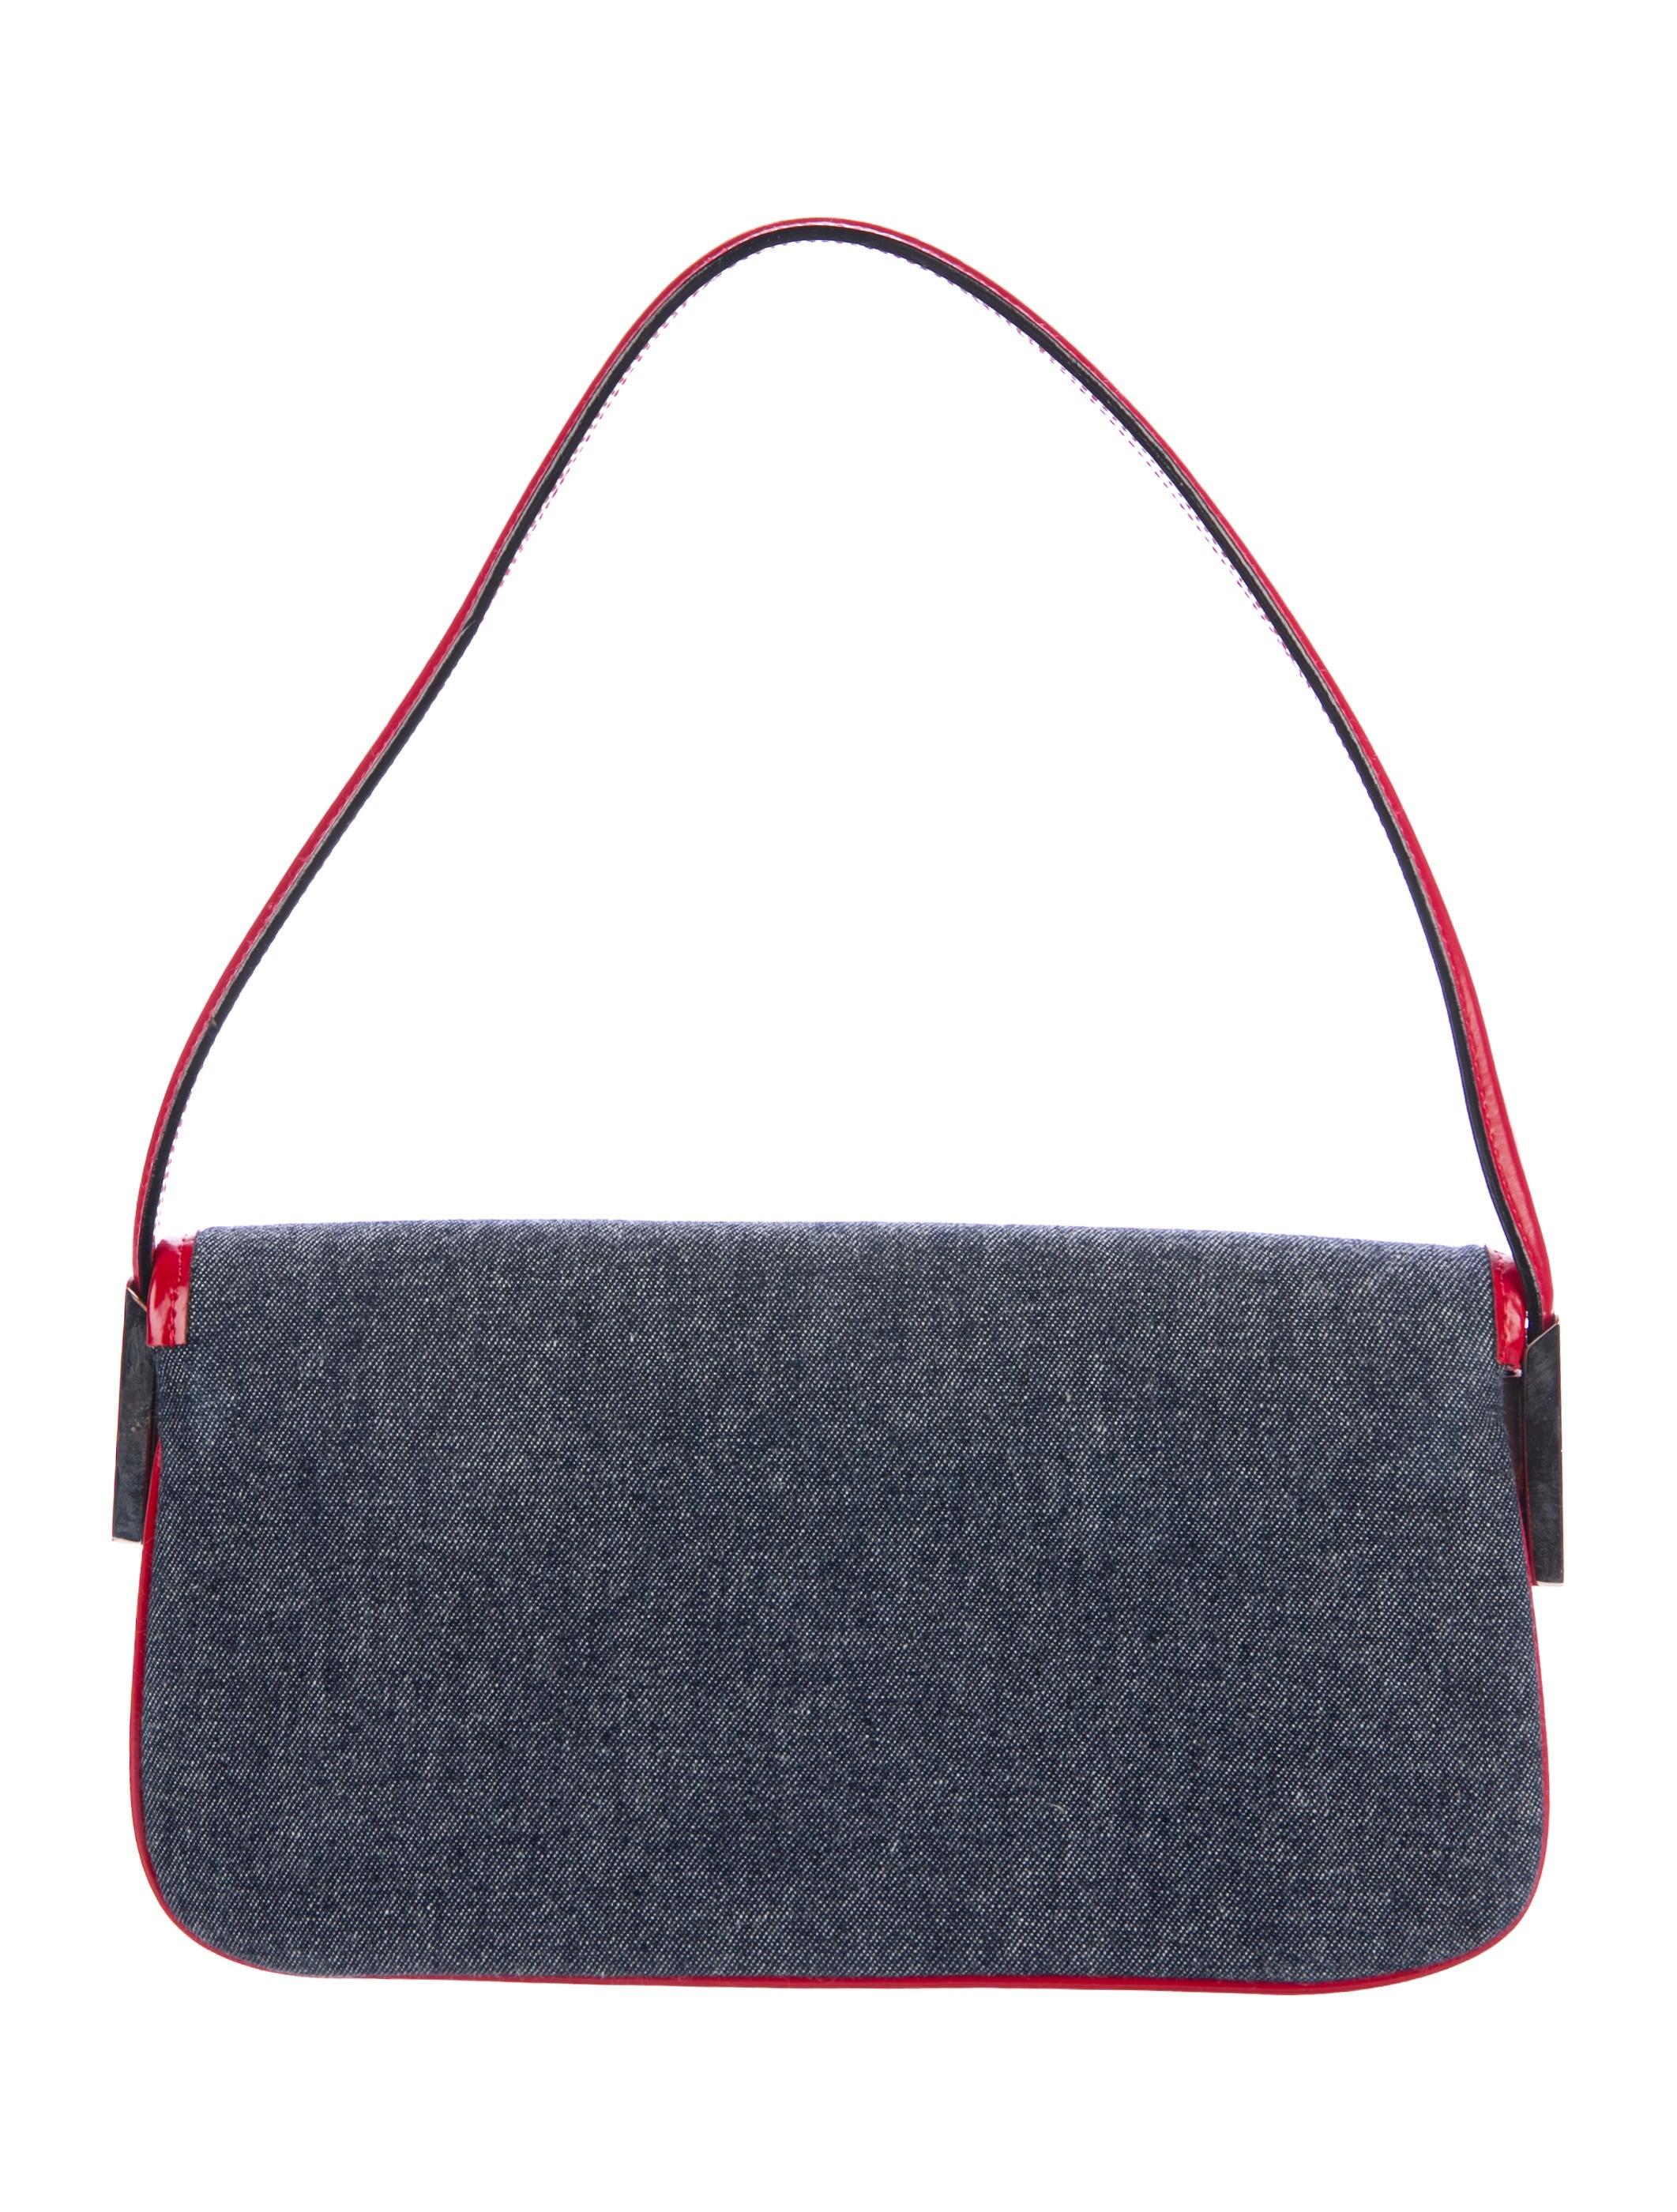 bec2396766 Dolce   Gabbana Leather-Trimmed Denim Shoulder Bag - Handbags ...